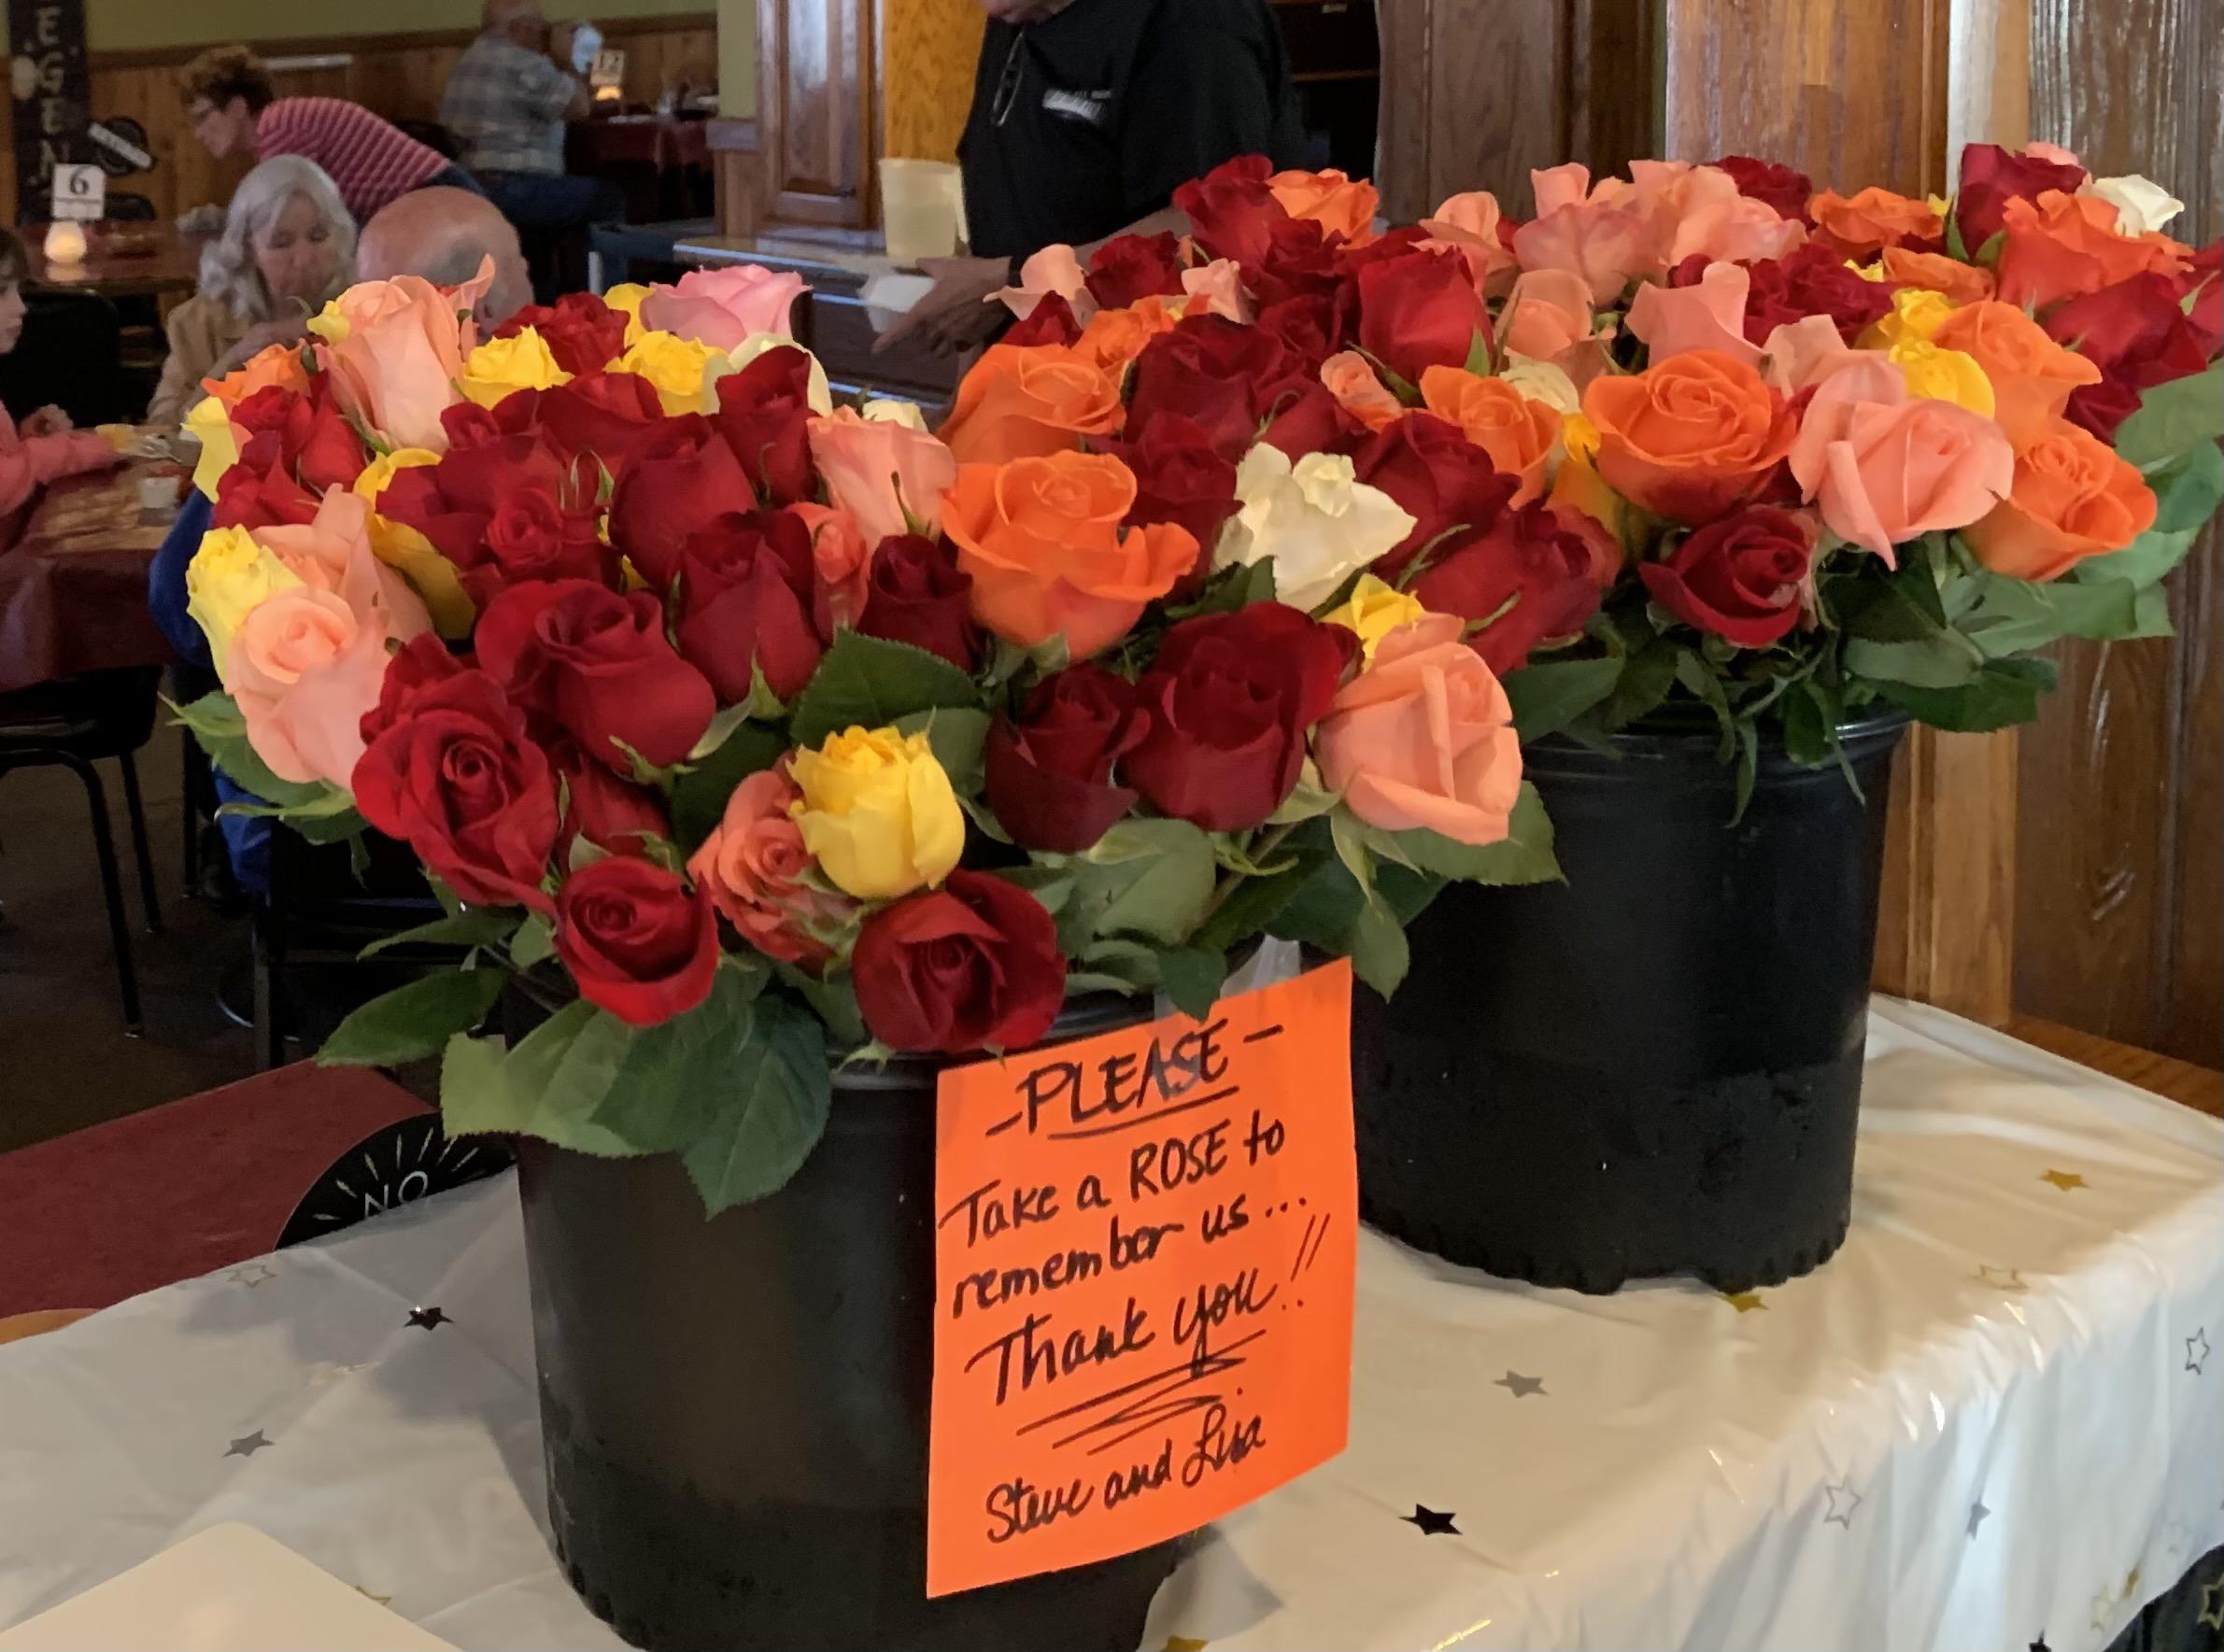 Roses were handed out at the Spinning Wheel Inn on April 29 for Steve and Lisa Lemhouse's last night running the restaurant.Luke Reimer | NEW Media